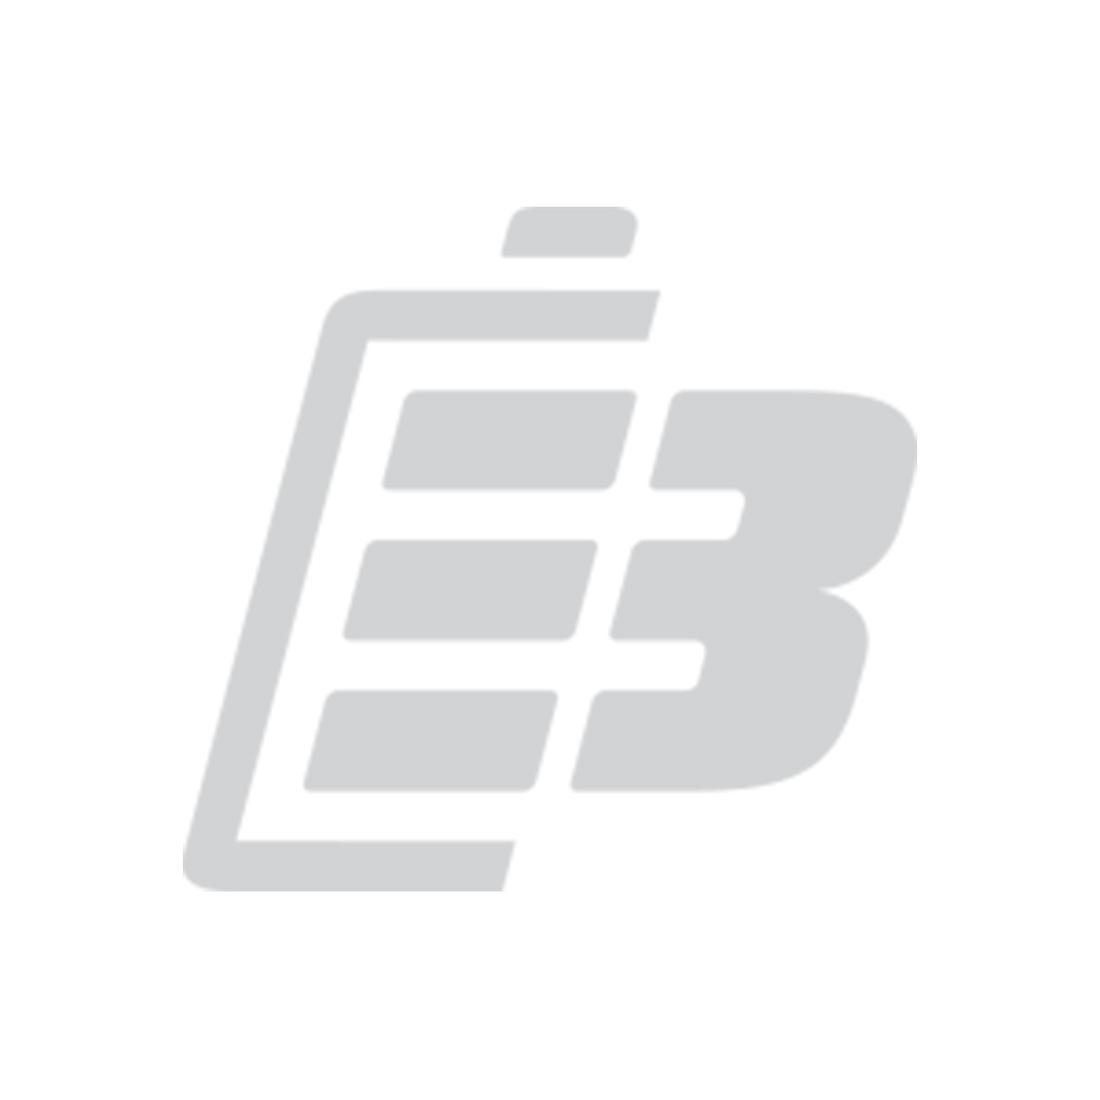 eveready 6V